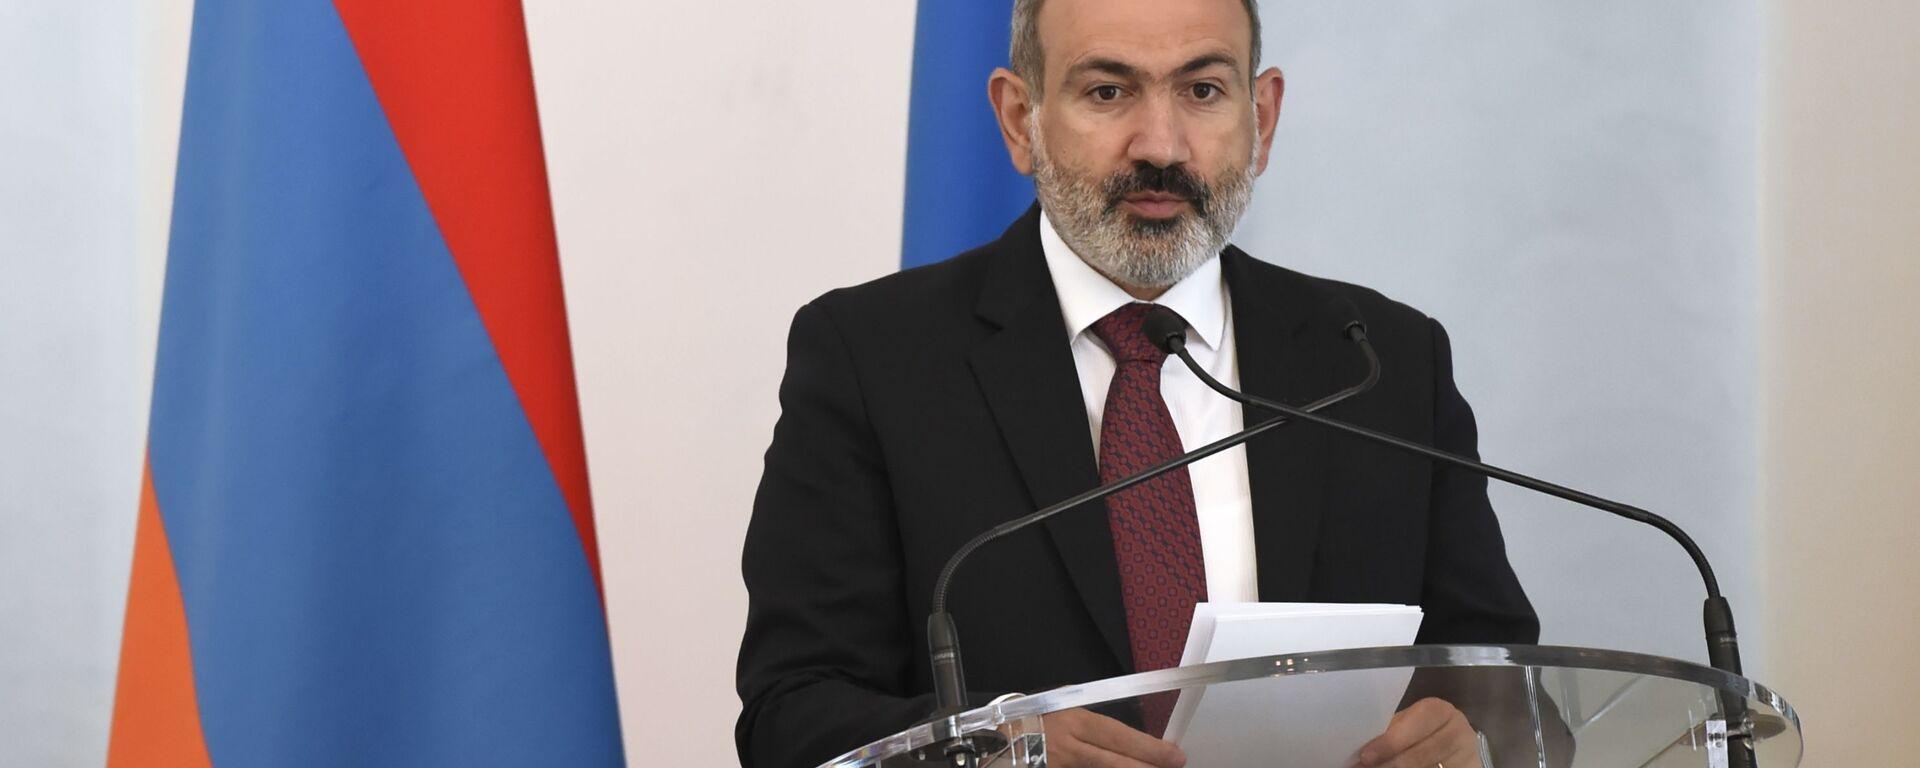 Pełniący obowiązki premiera Armenii Nikol Paszynian - Sputnik Polska, 1920, 29.07.2021